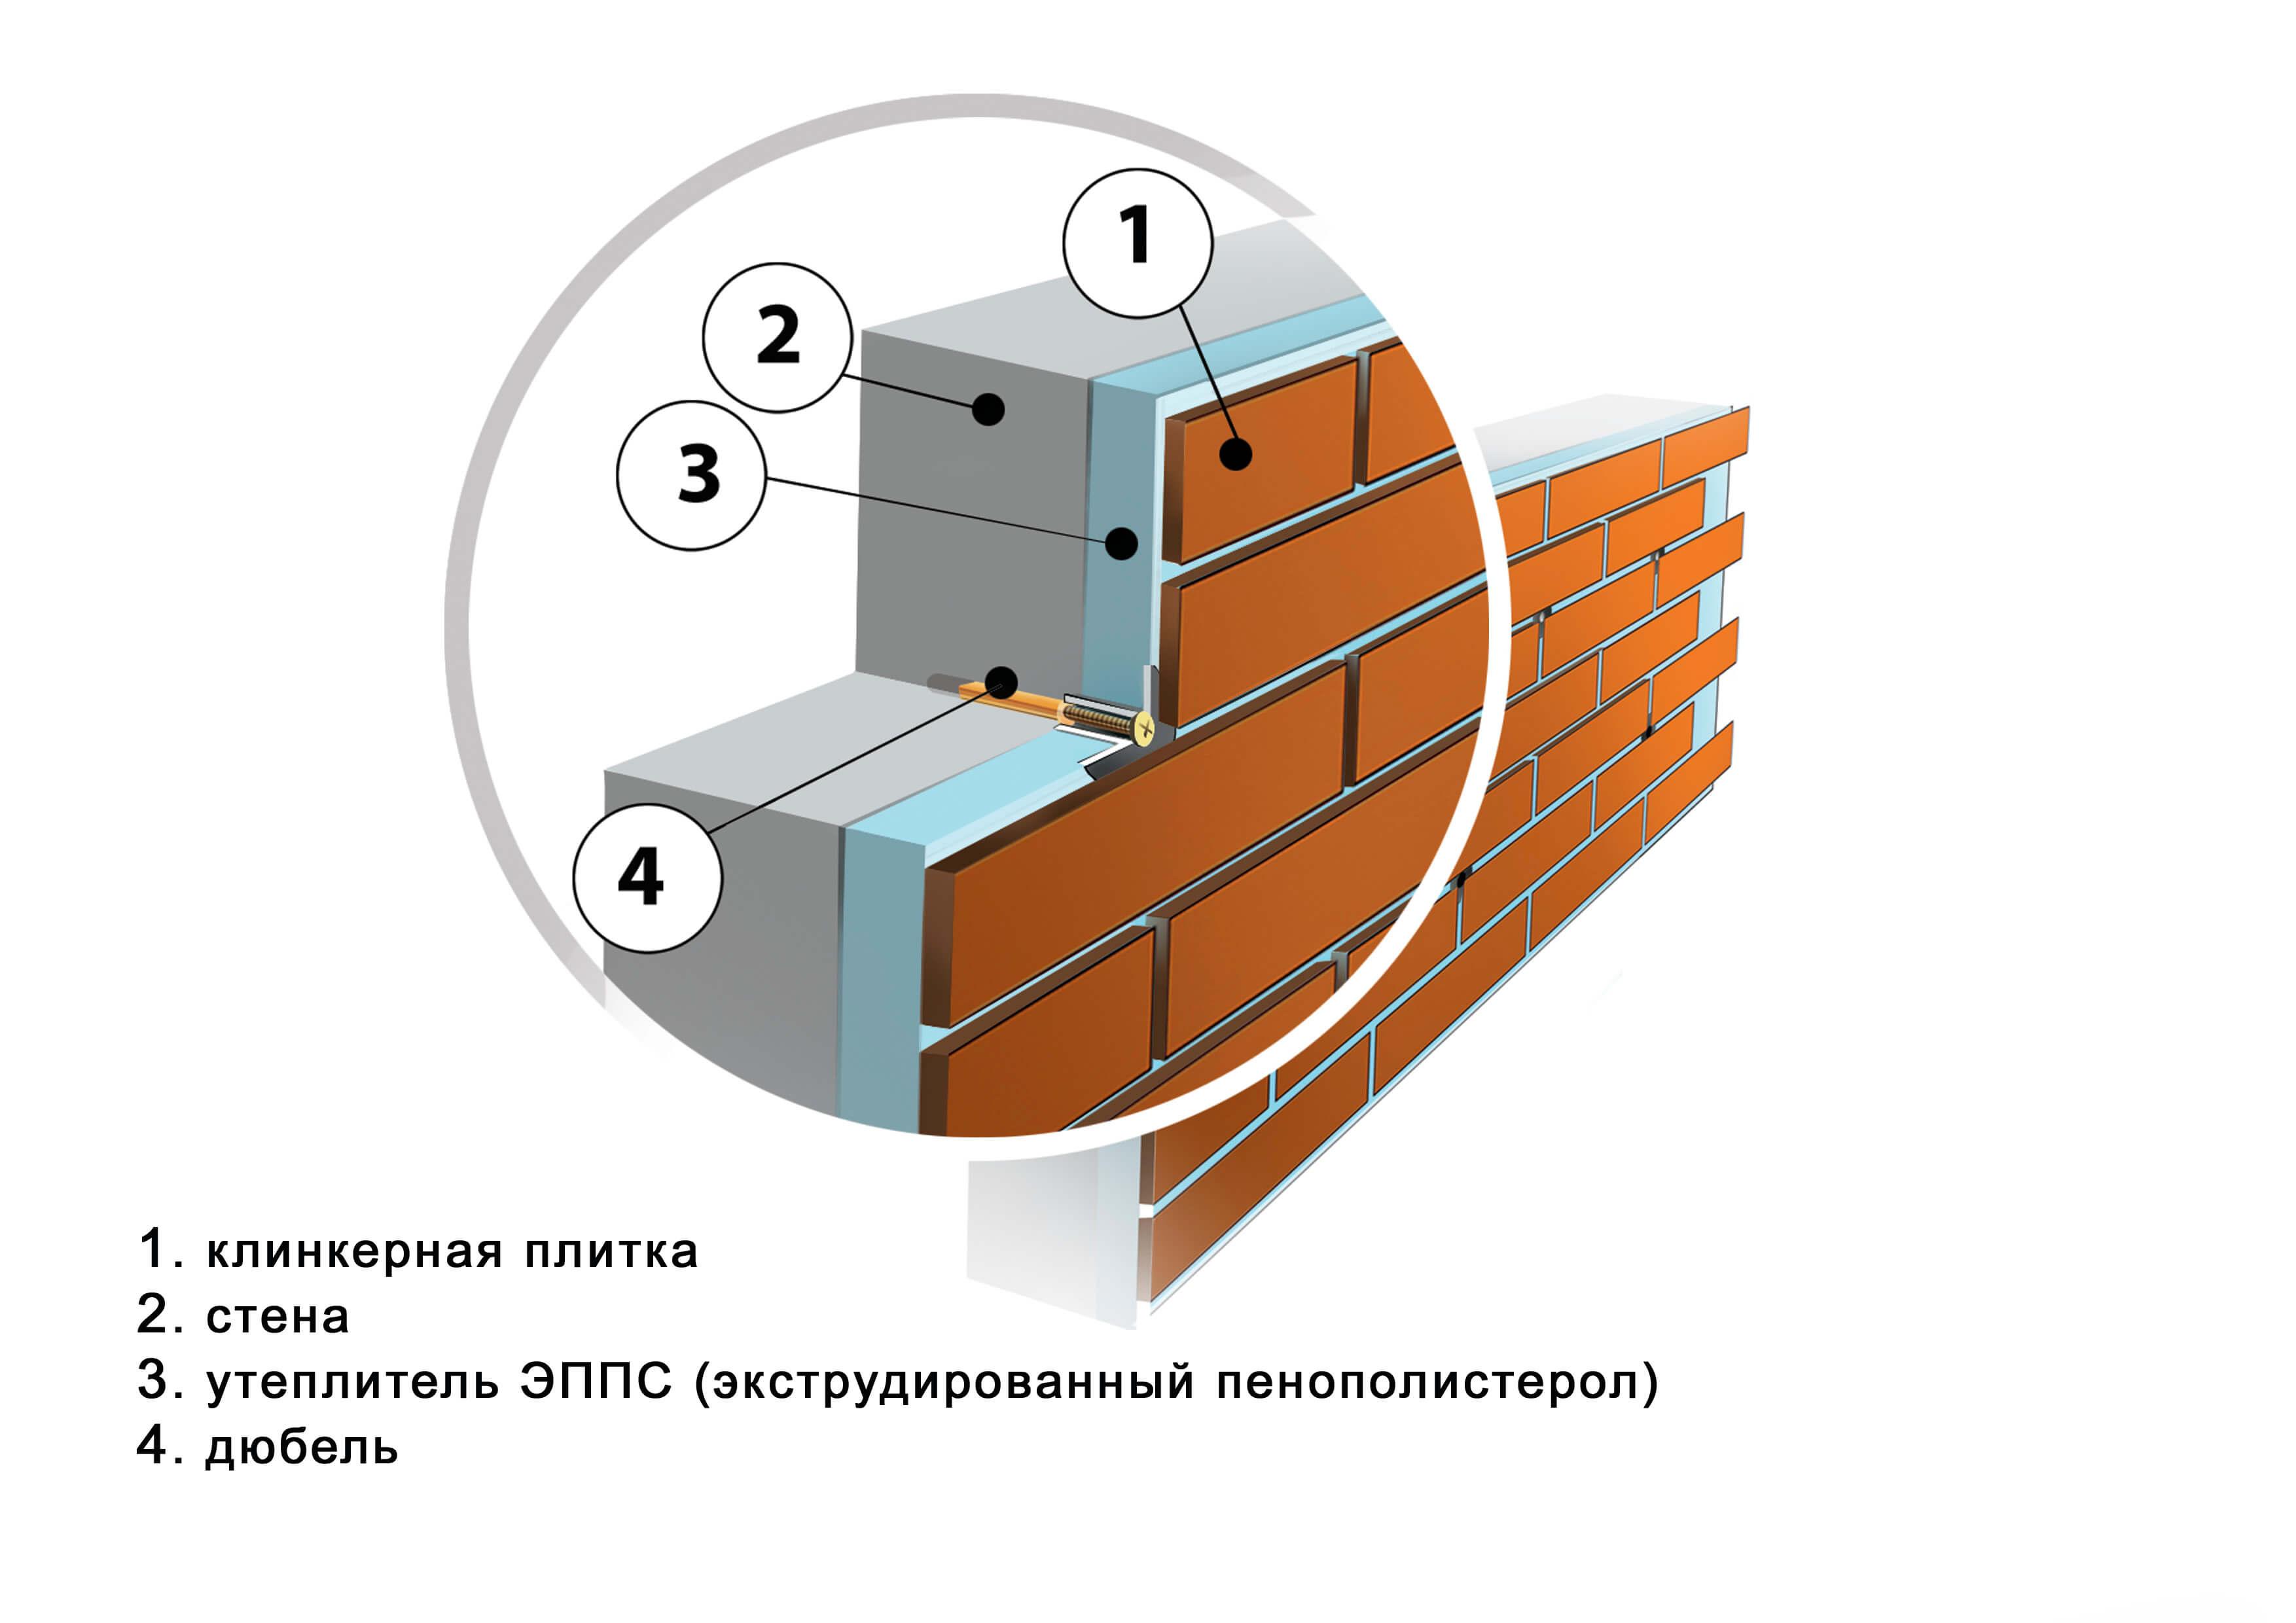 клинкерная термопанель ПРОФАСАД